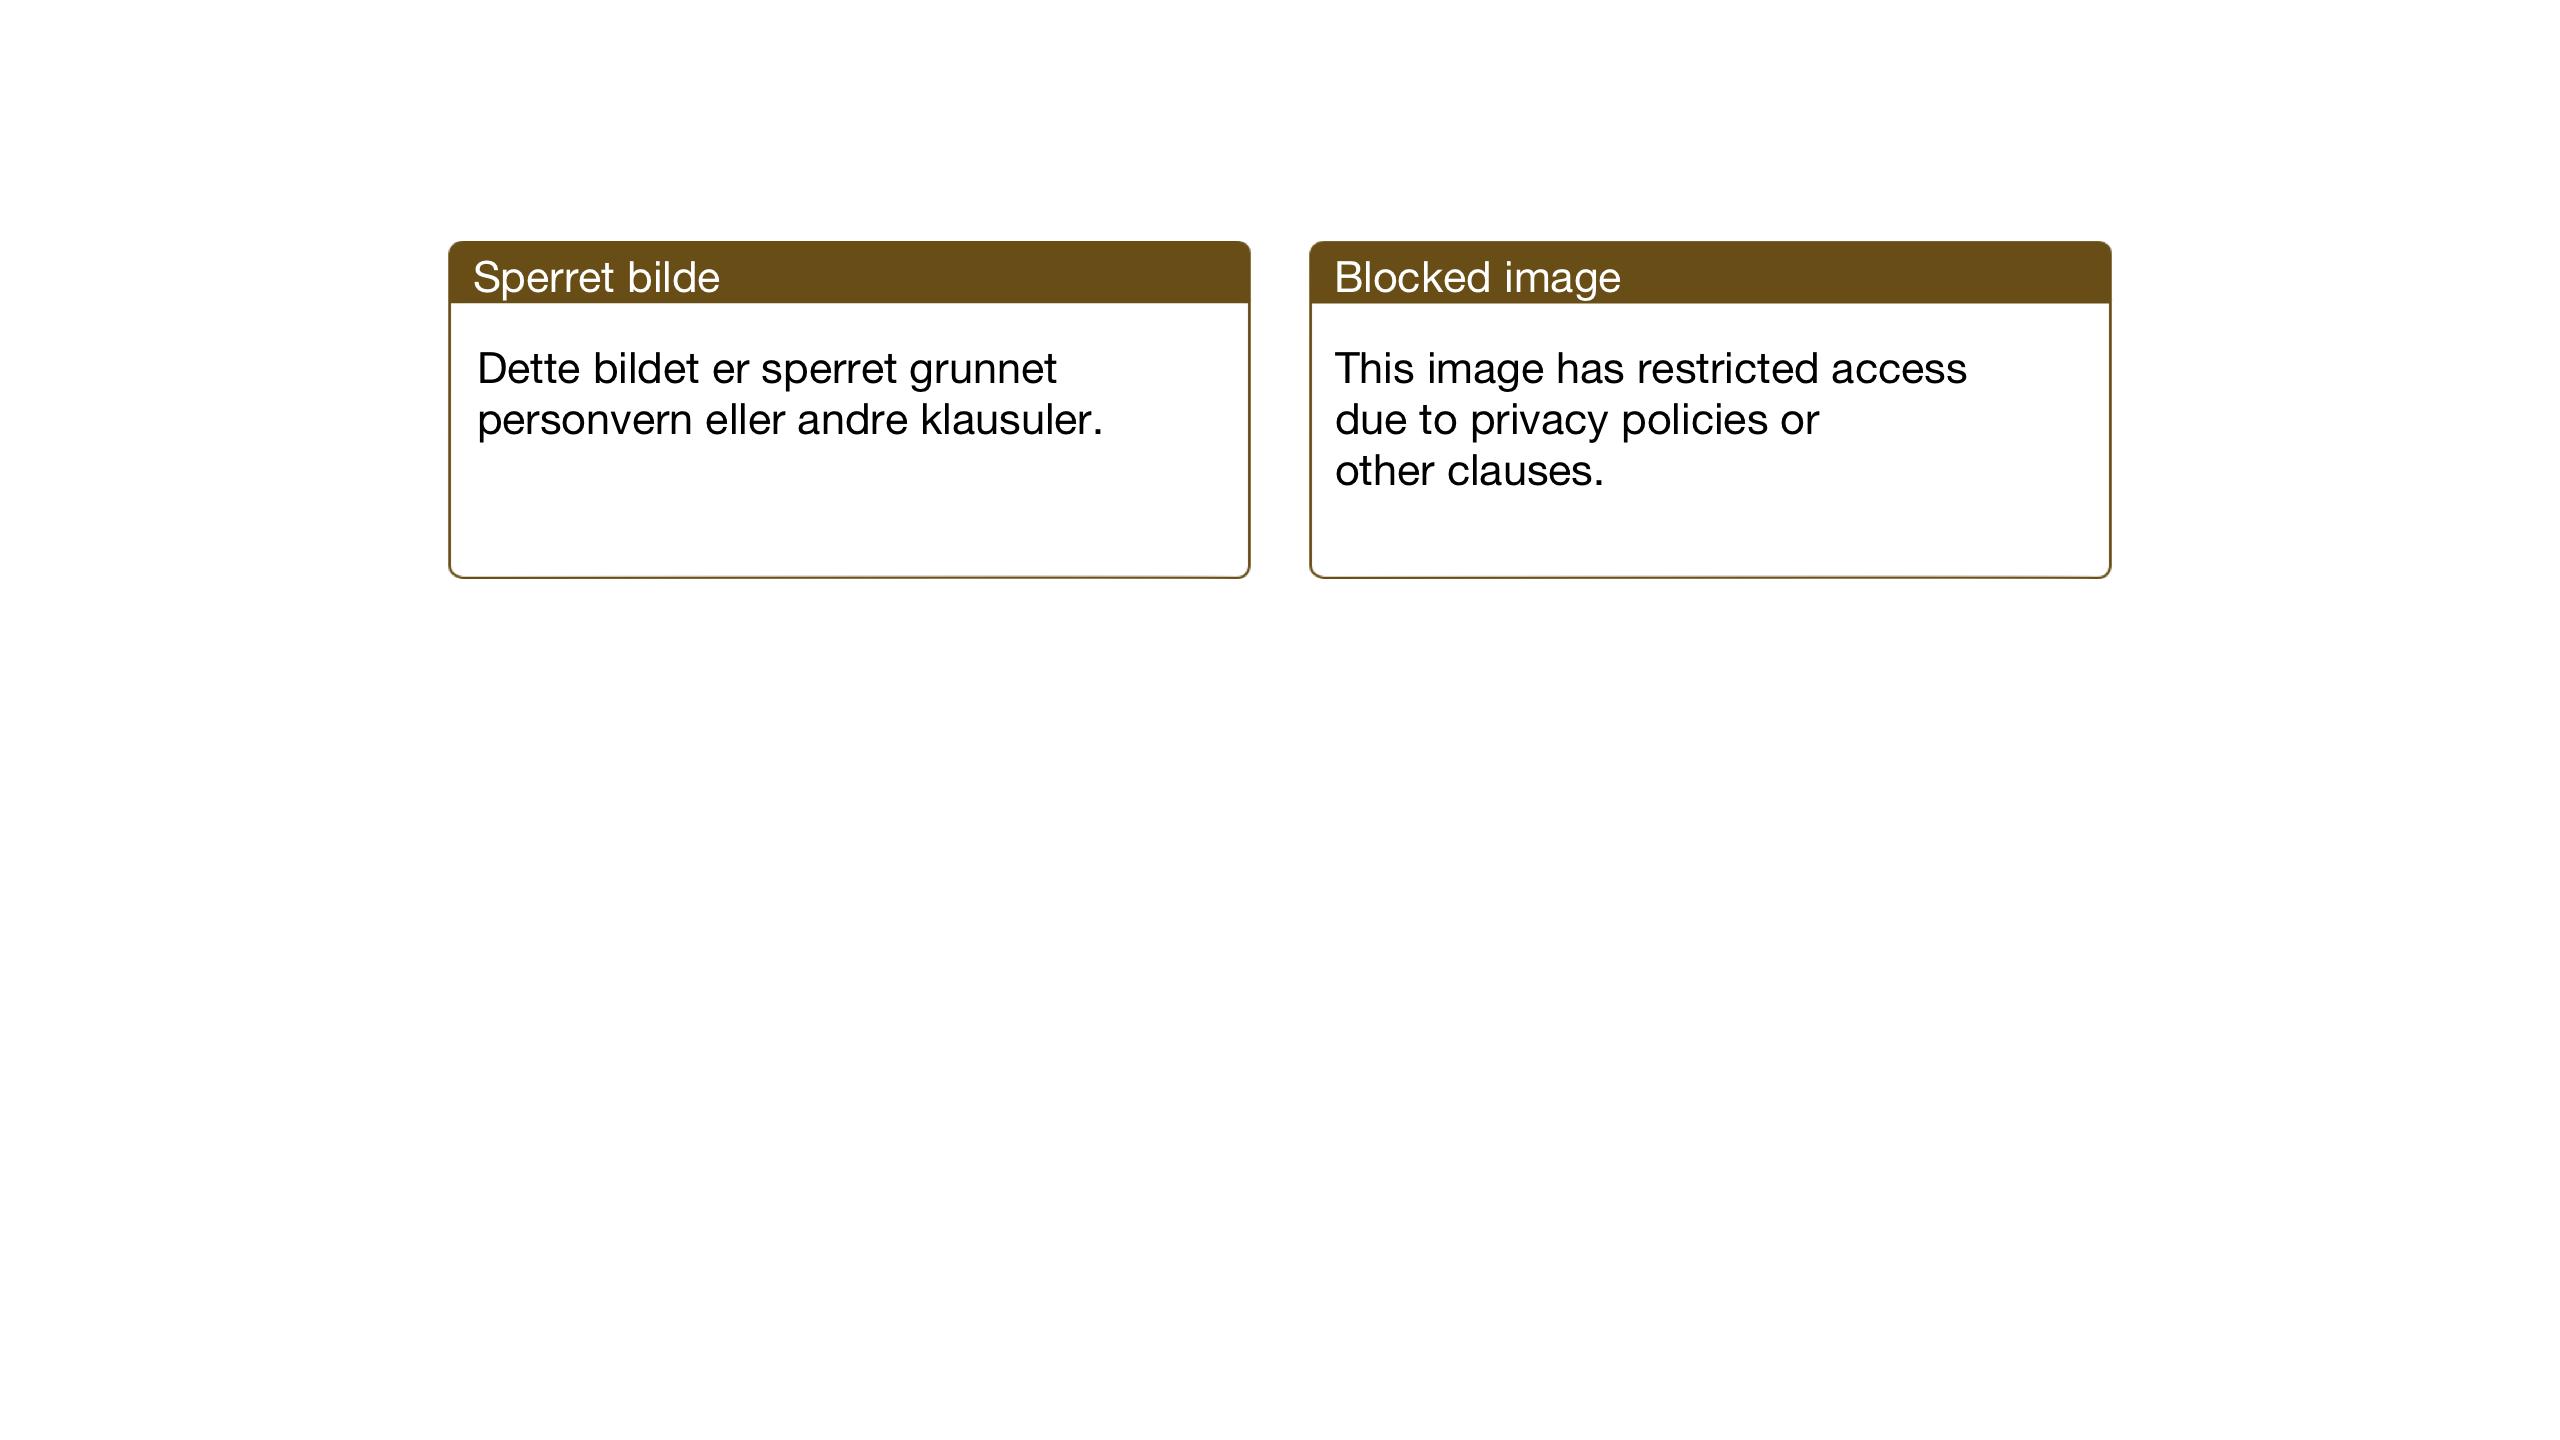 SAT, Ministerialprotokoller, klokkerbøker og fødselsregistre - Sør-Trøndelag, 604/L0228: Klokkerbok nr. 604C11, 1928-1950, s. 183